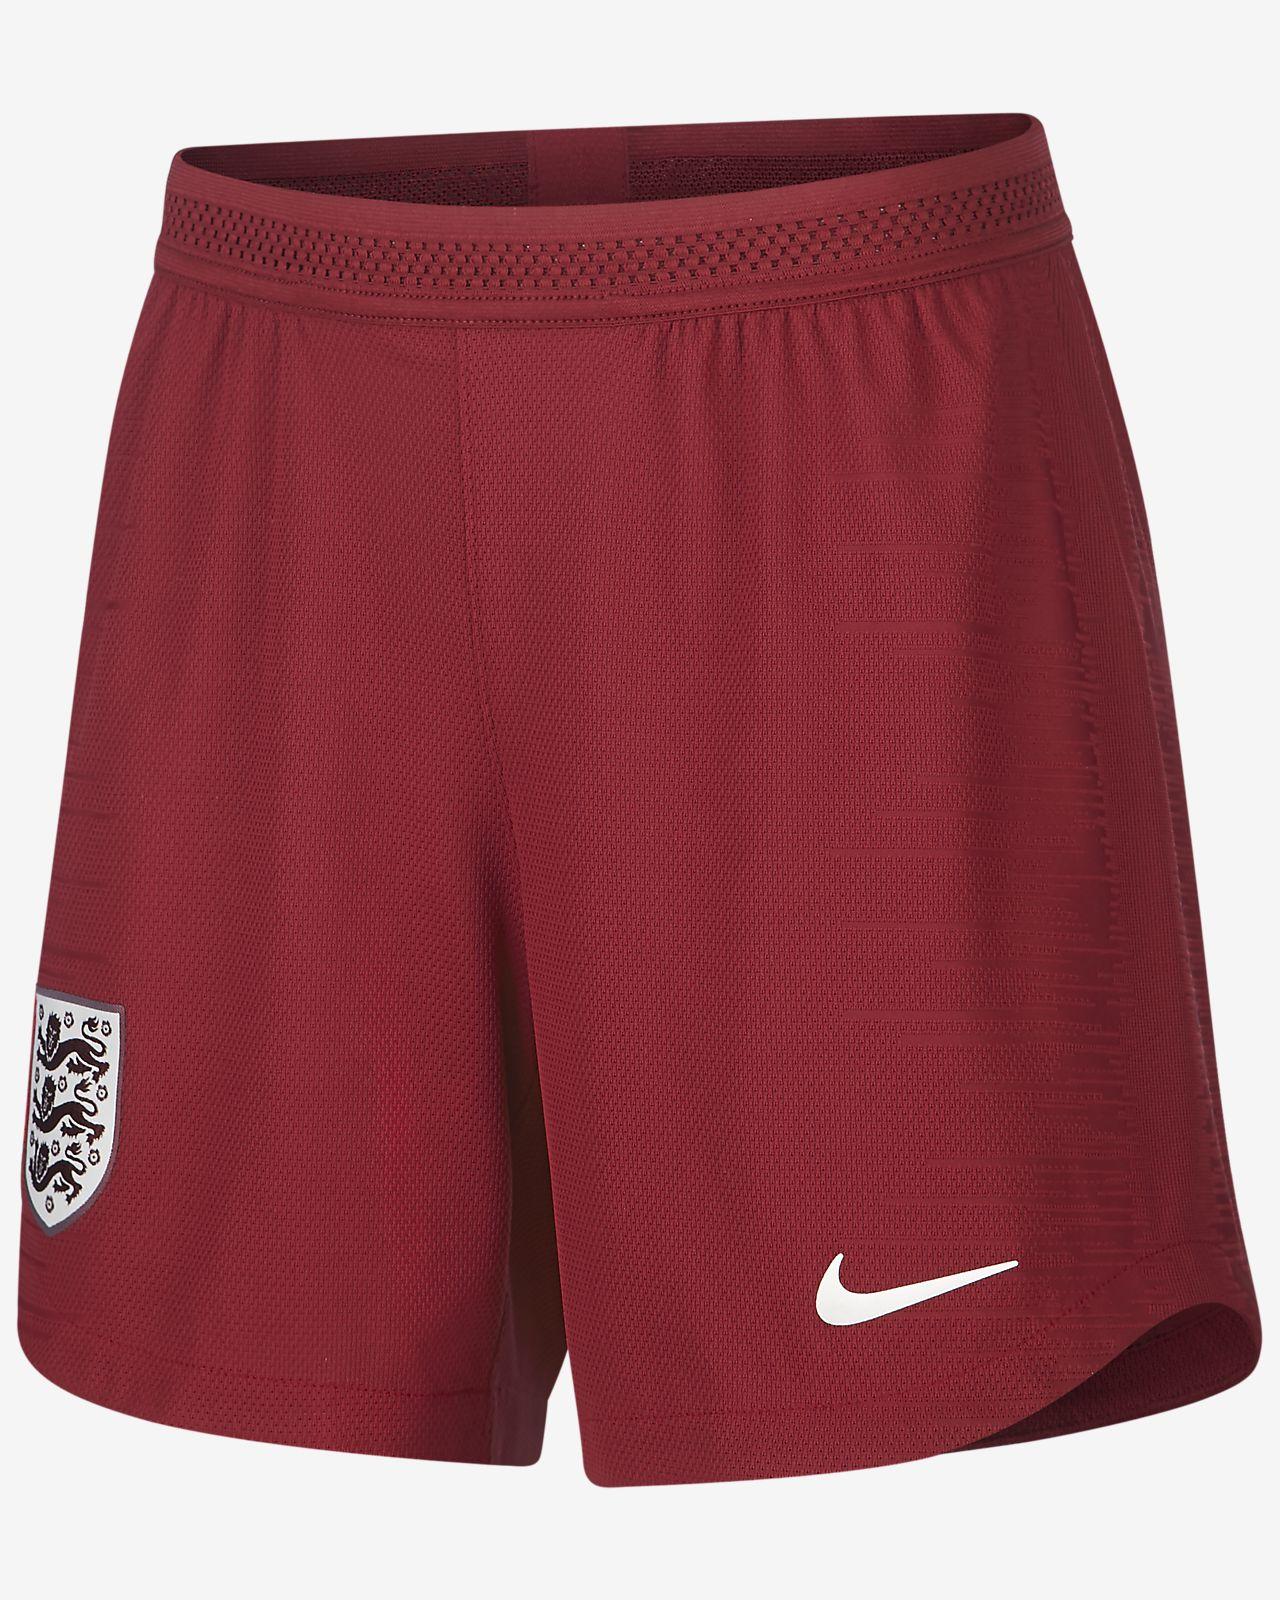 England 2019 Vapor Match Away Women's Football Shorts